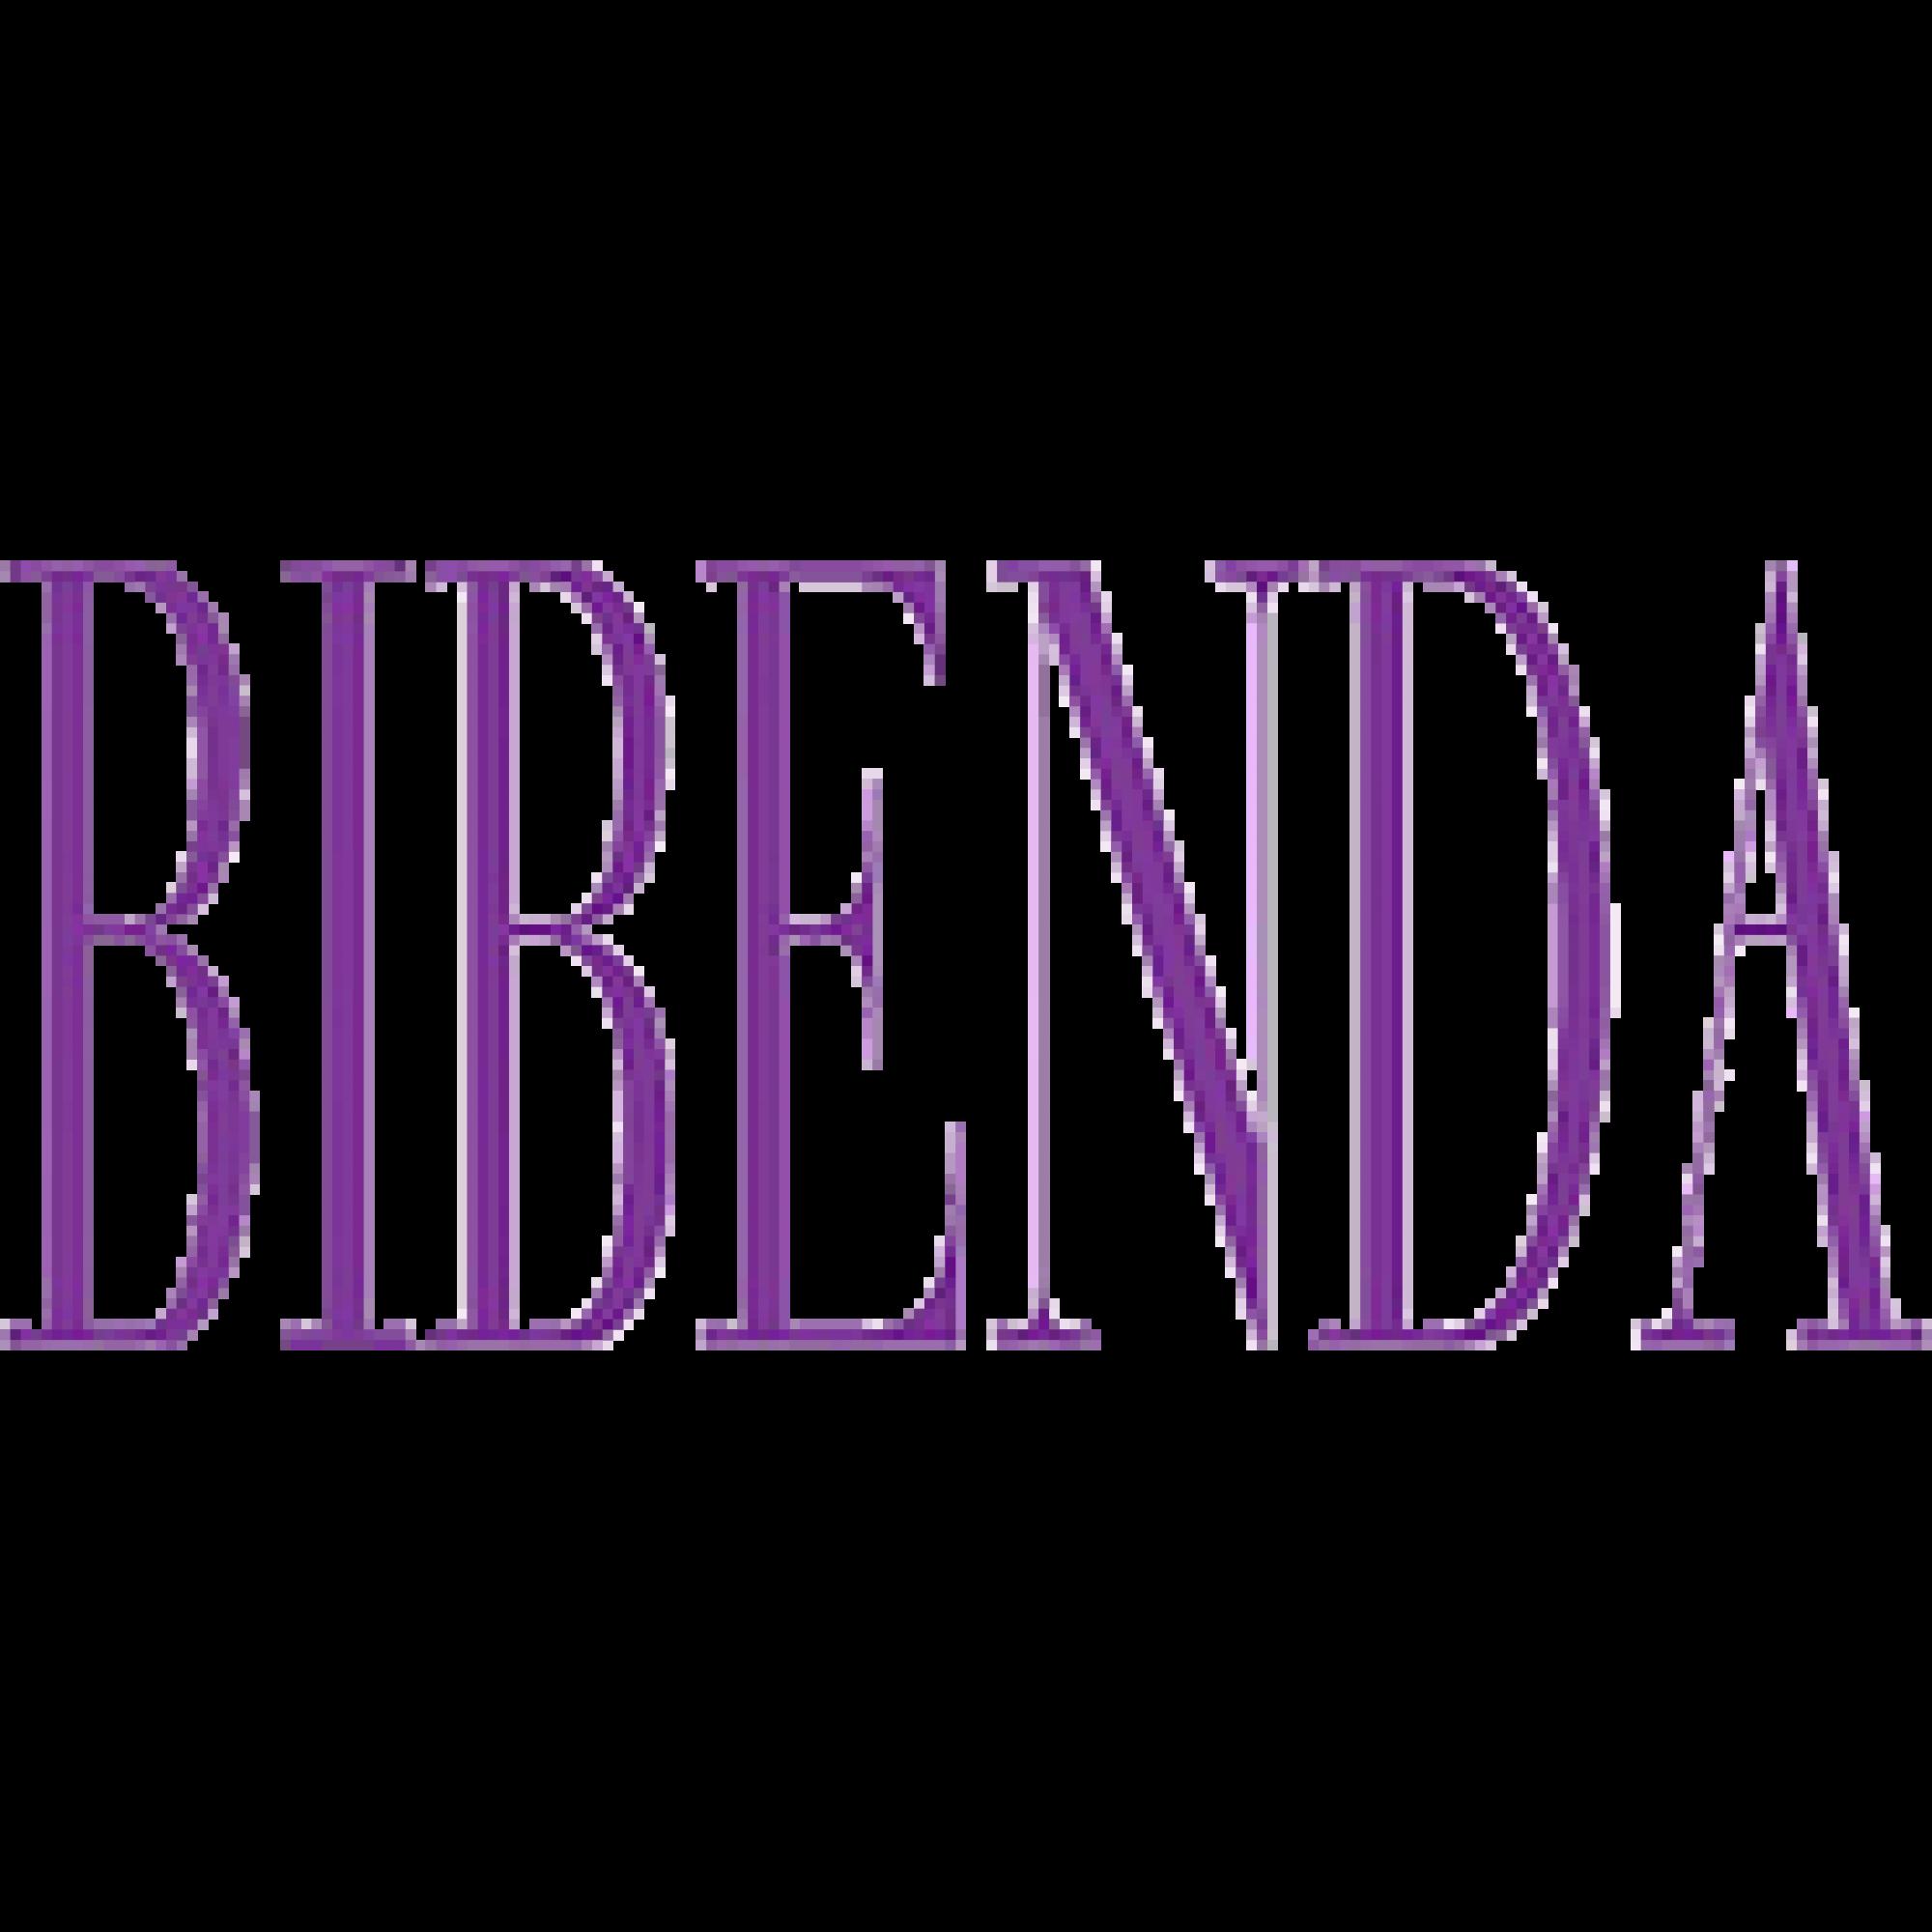 Bibenda